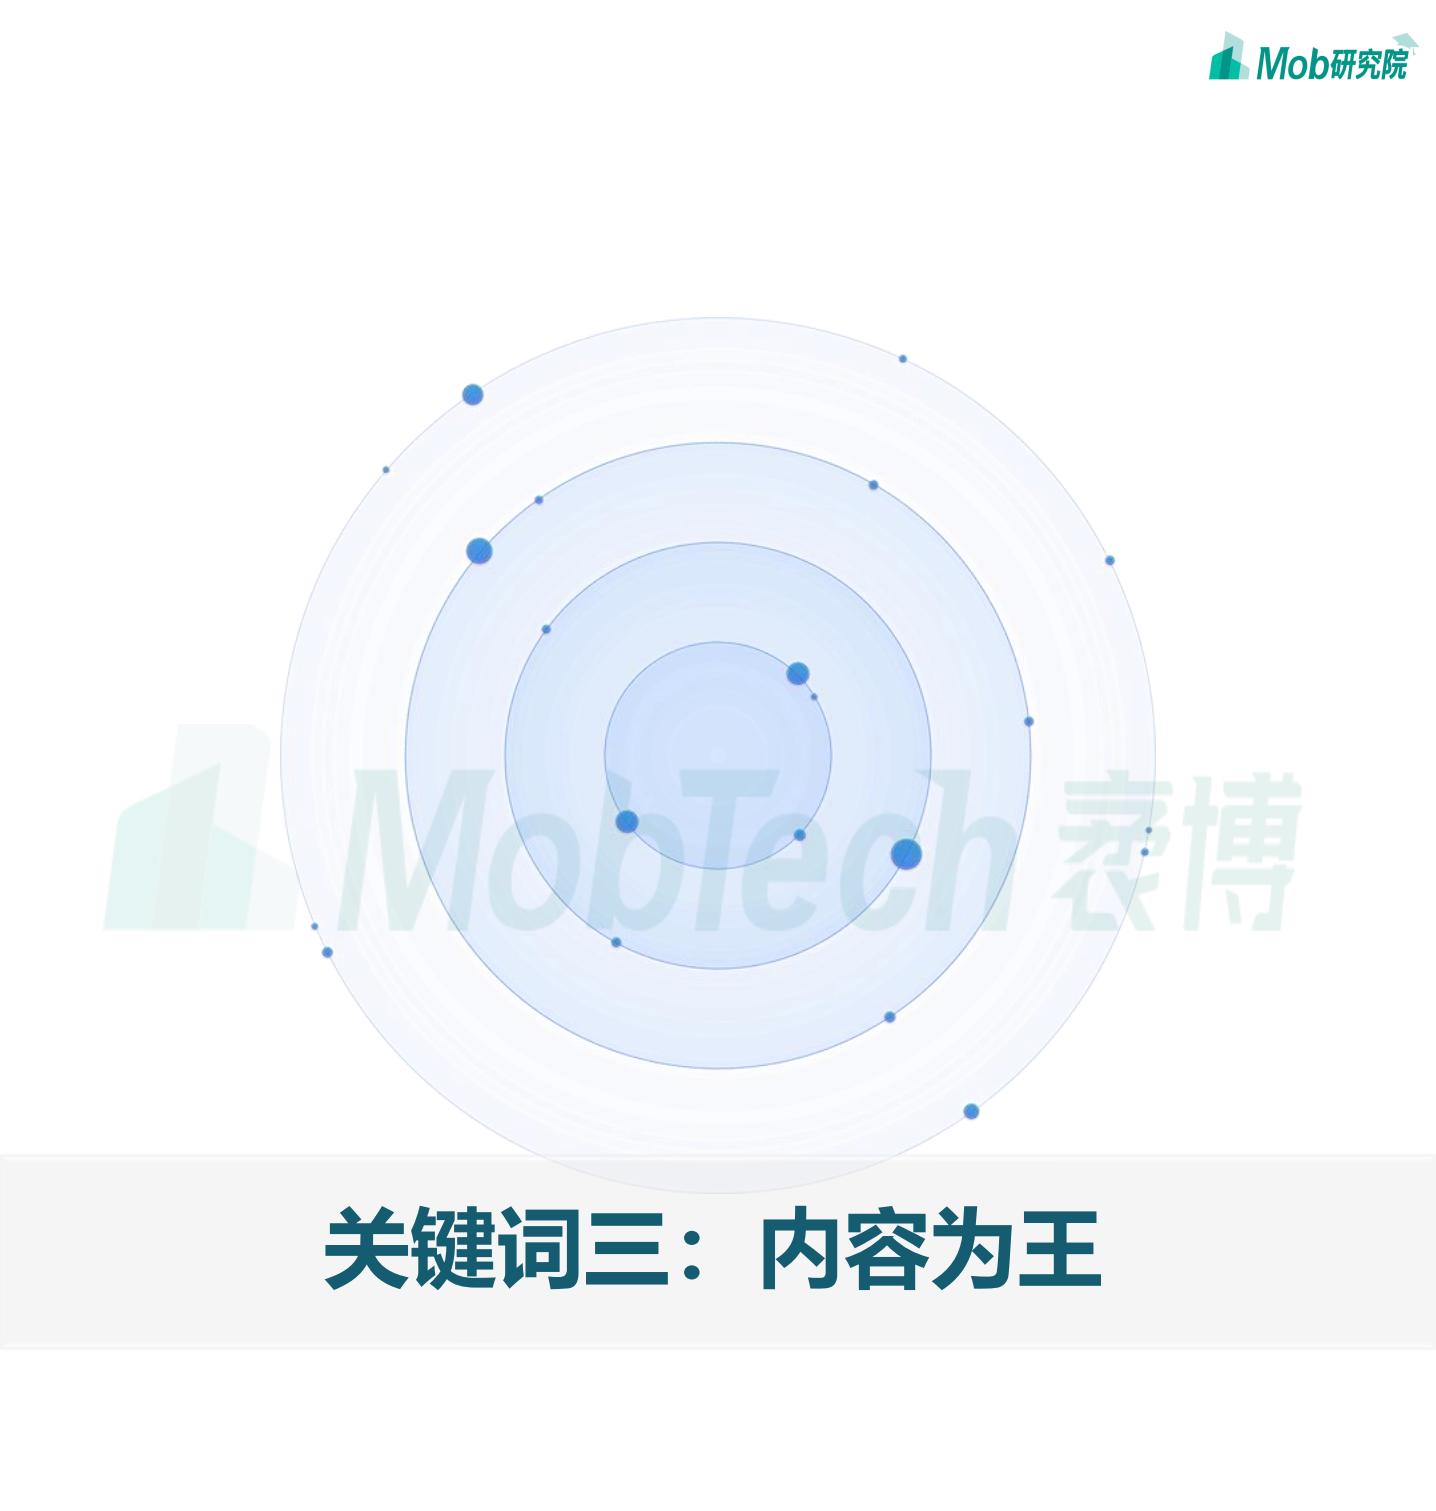 2021年中国移动互联网半年度大报告插图20